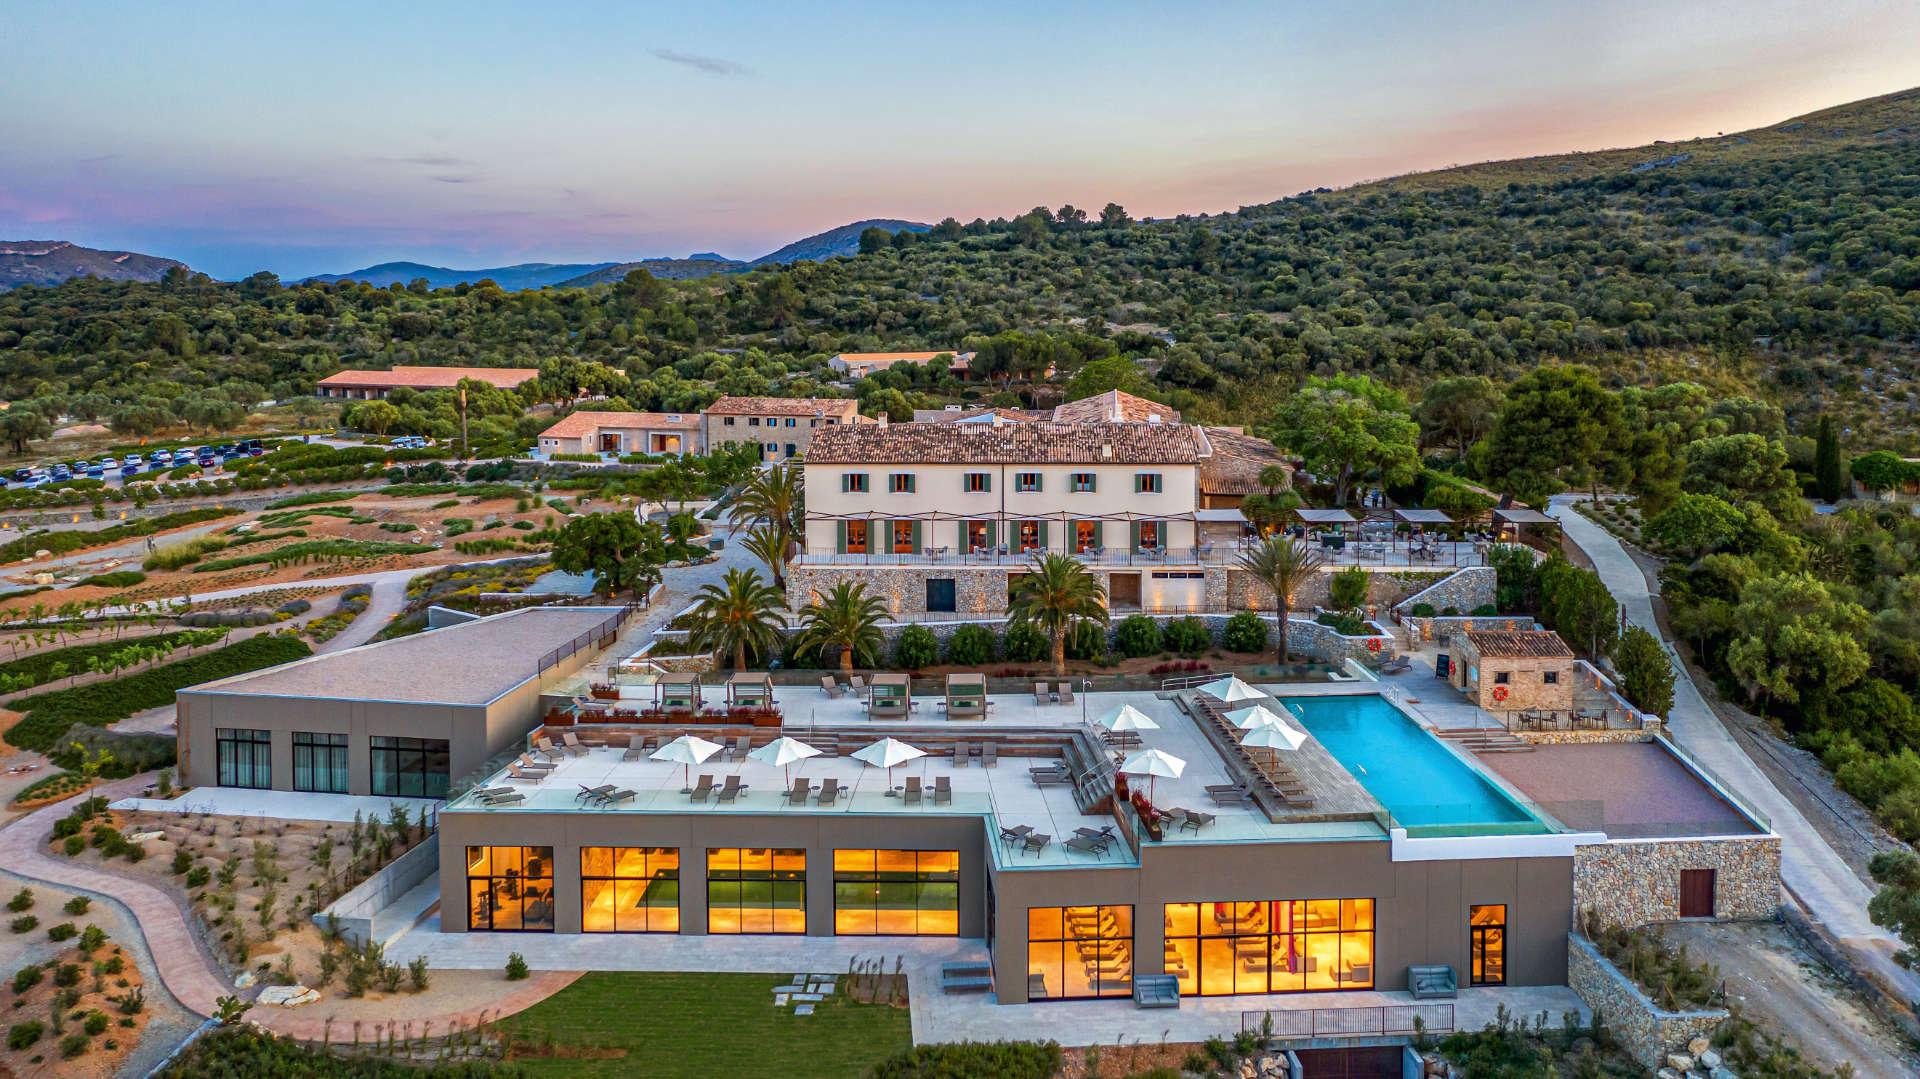 Carrossa Hotel Spa Villas Mallorca